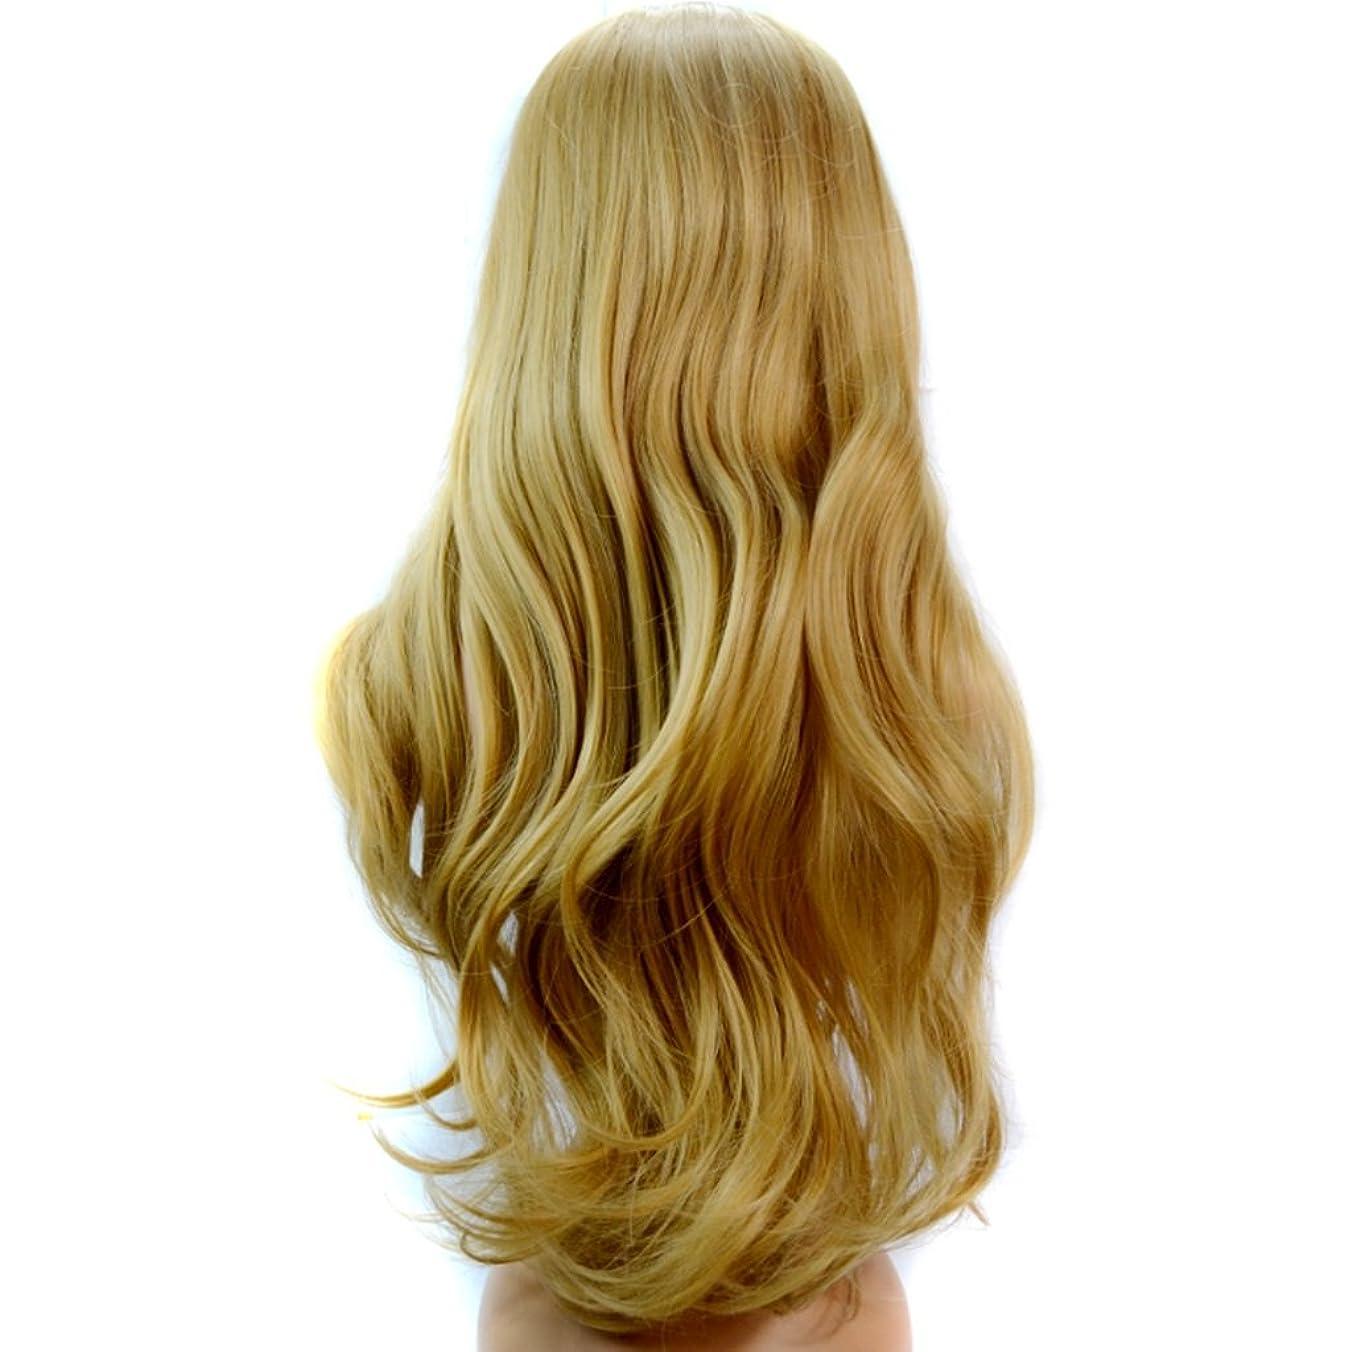 Isikawan 金の毛髪の自然な女性のかつら - 部分的なかつら大きい波状の-65 cm長い斜め前髪カーリーかつら (色 : 金色)